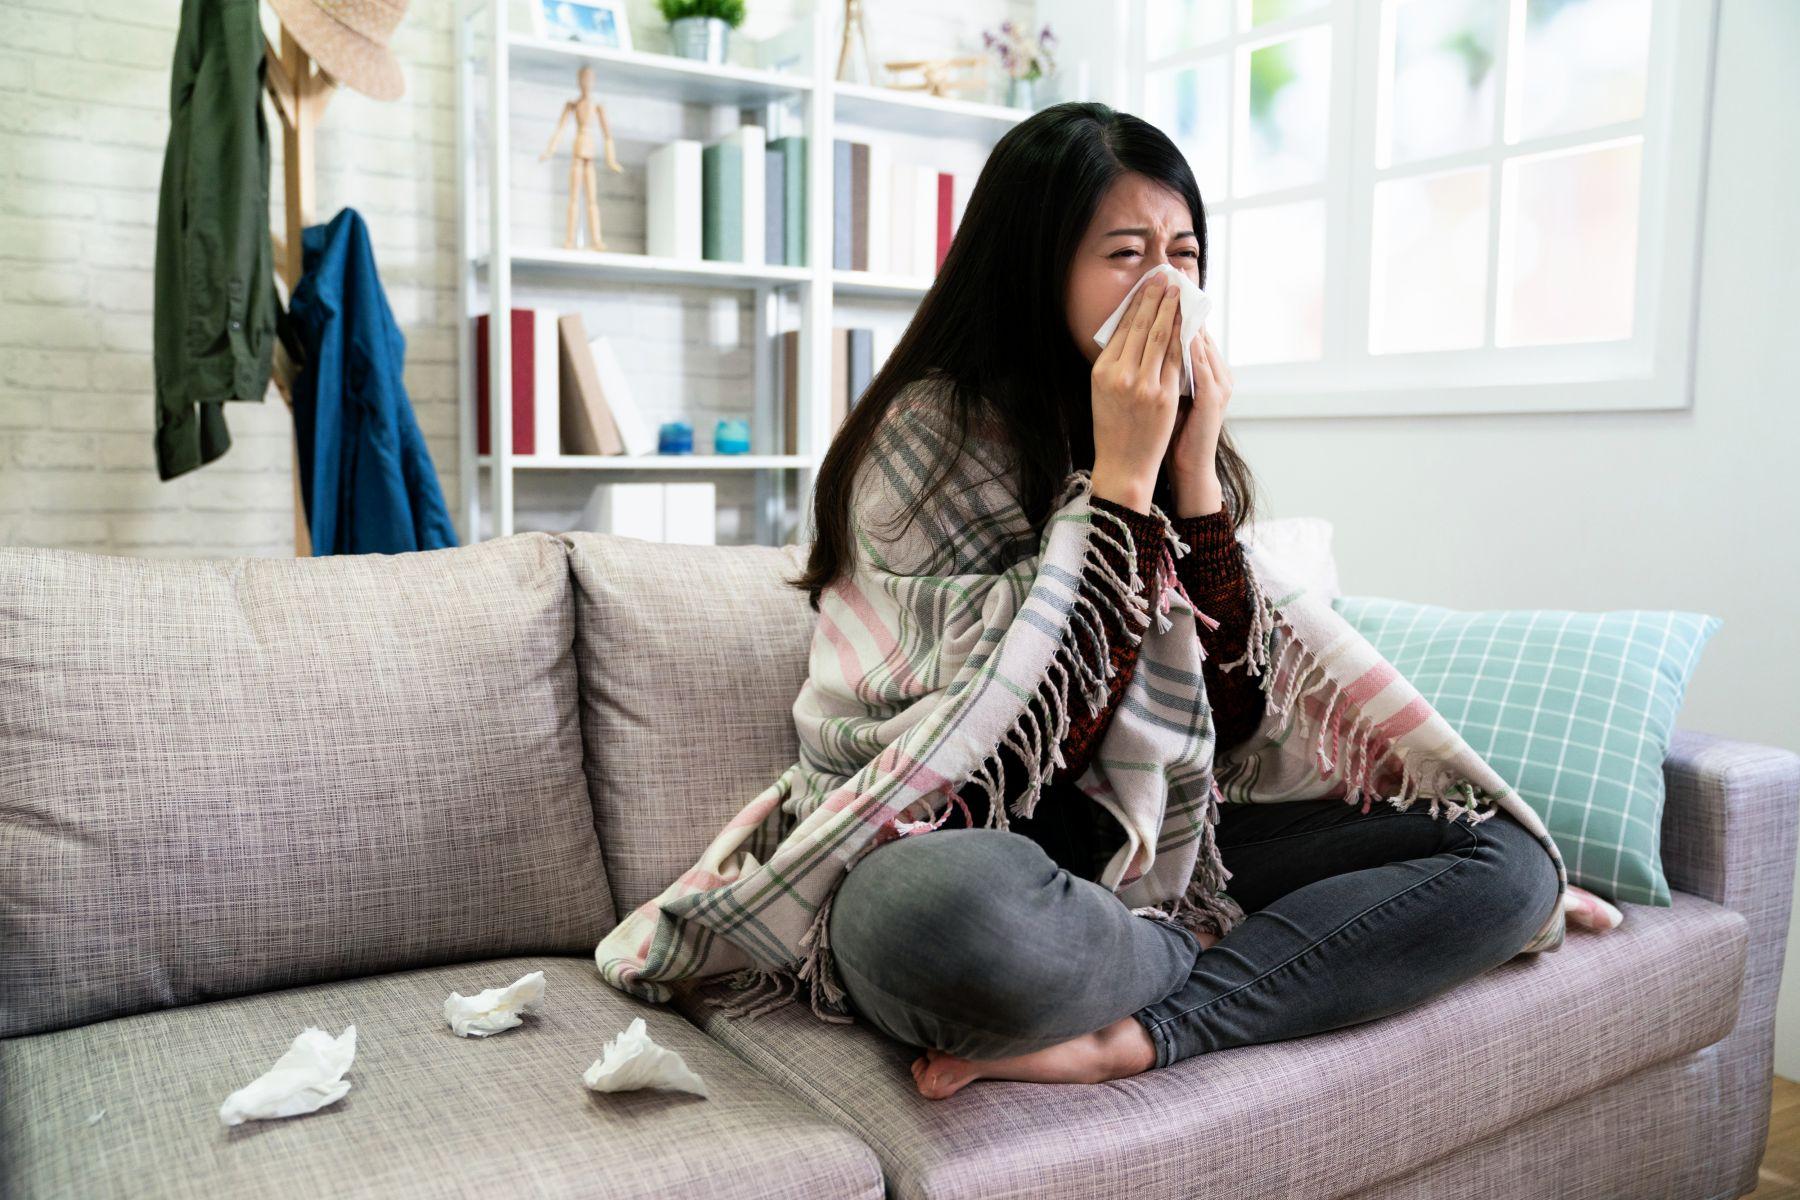 杜絕麻疹、流感飛沫傳染!日本專家教你「防治病毒感染法」減少病毒傳染擴大風險!